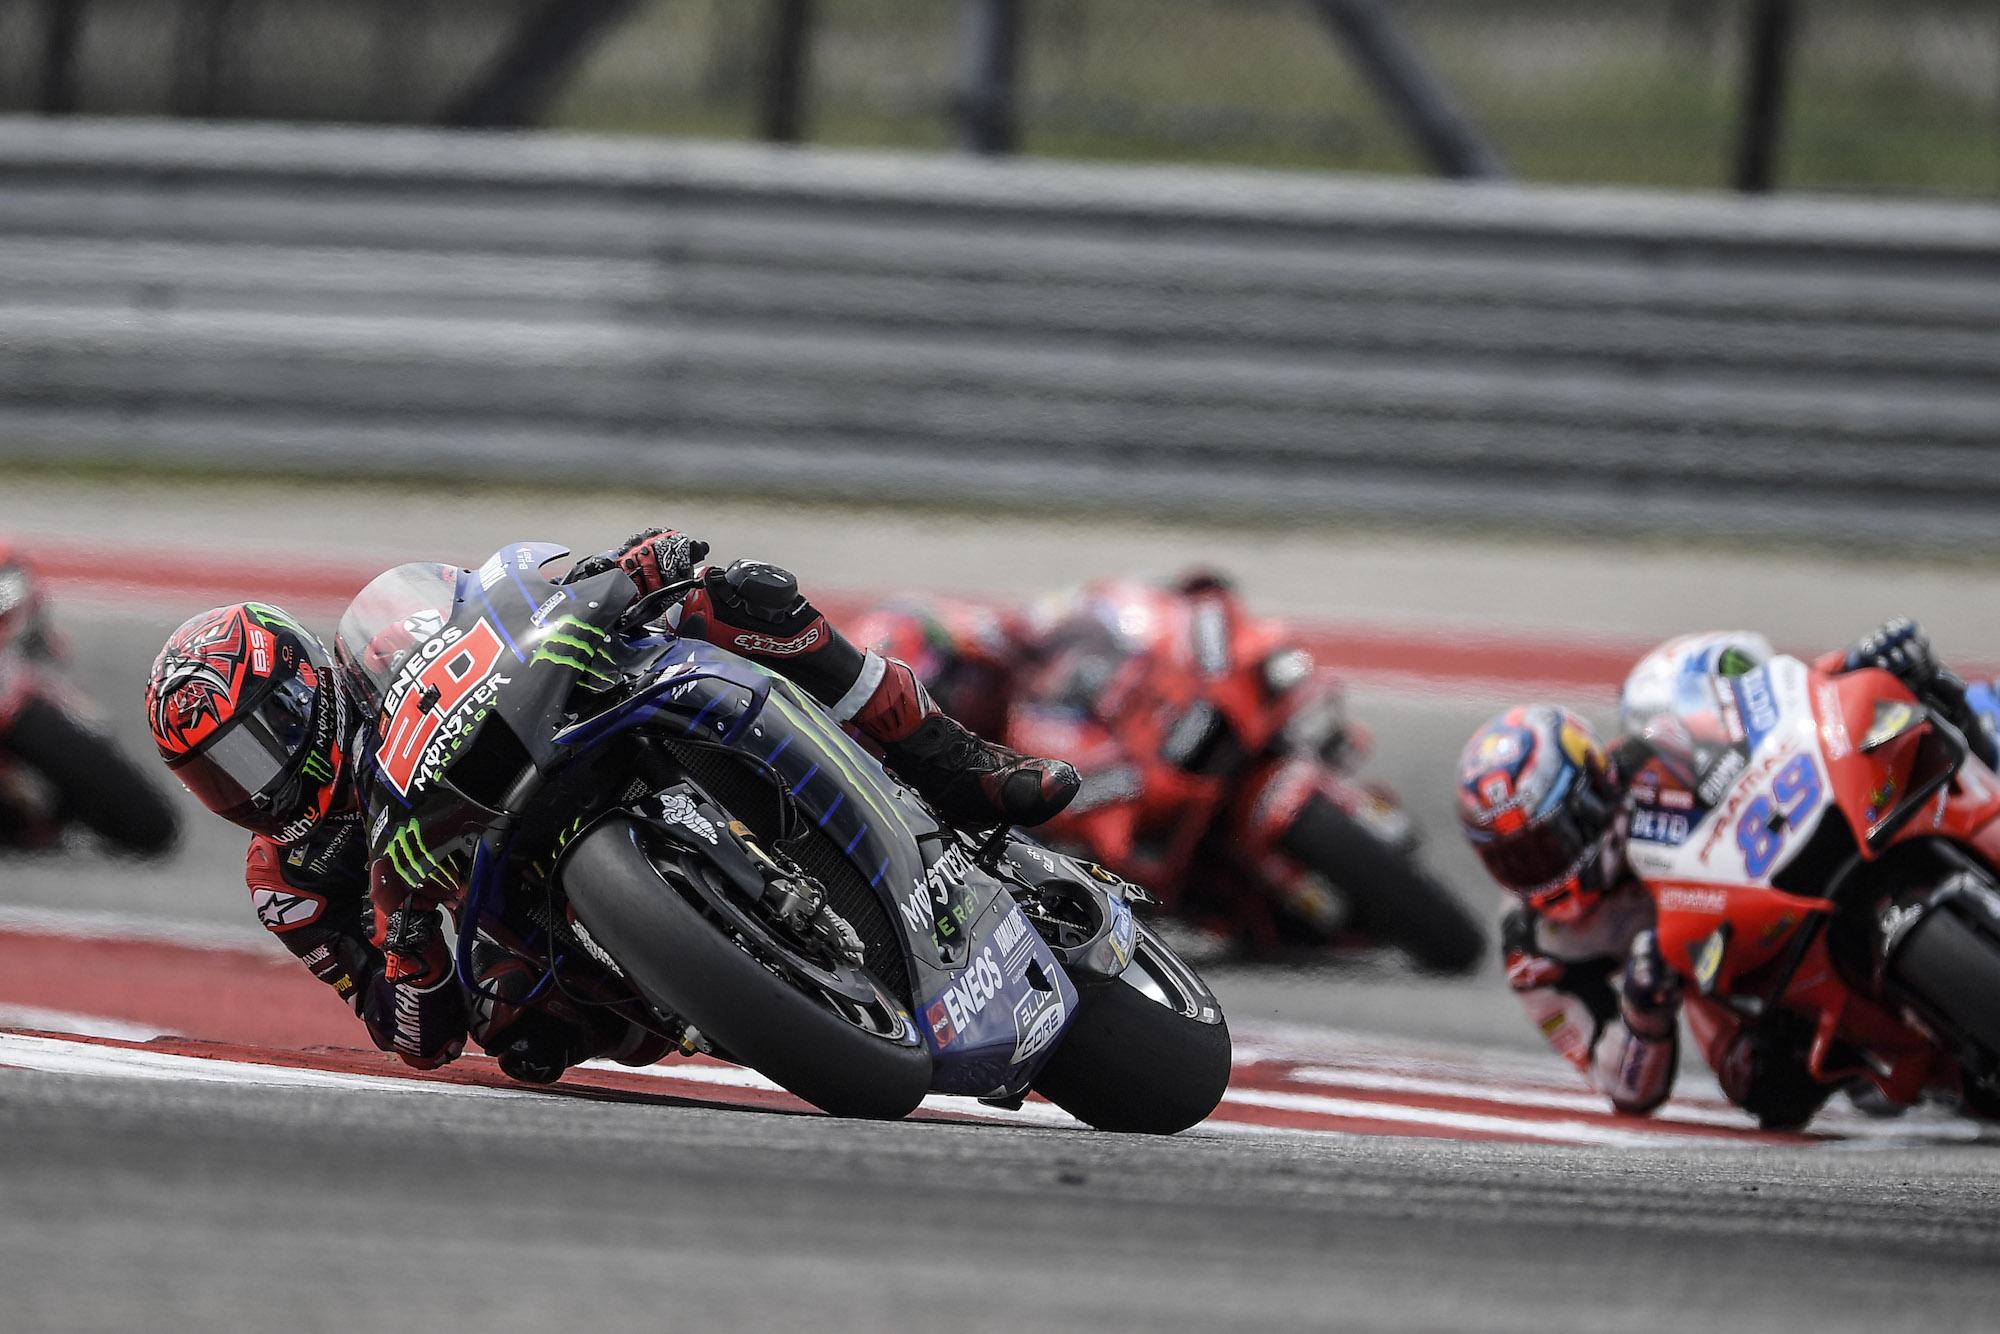 Fabio Quartararo podczas MotoGP na COTA w Austin (Teksas, USA)